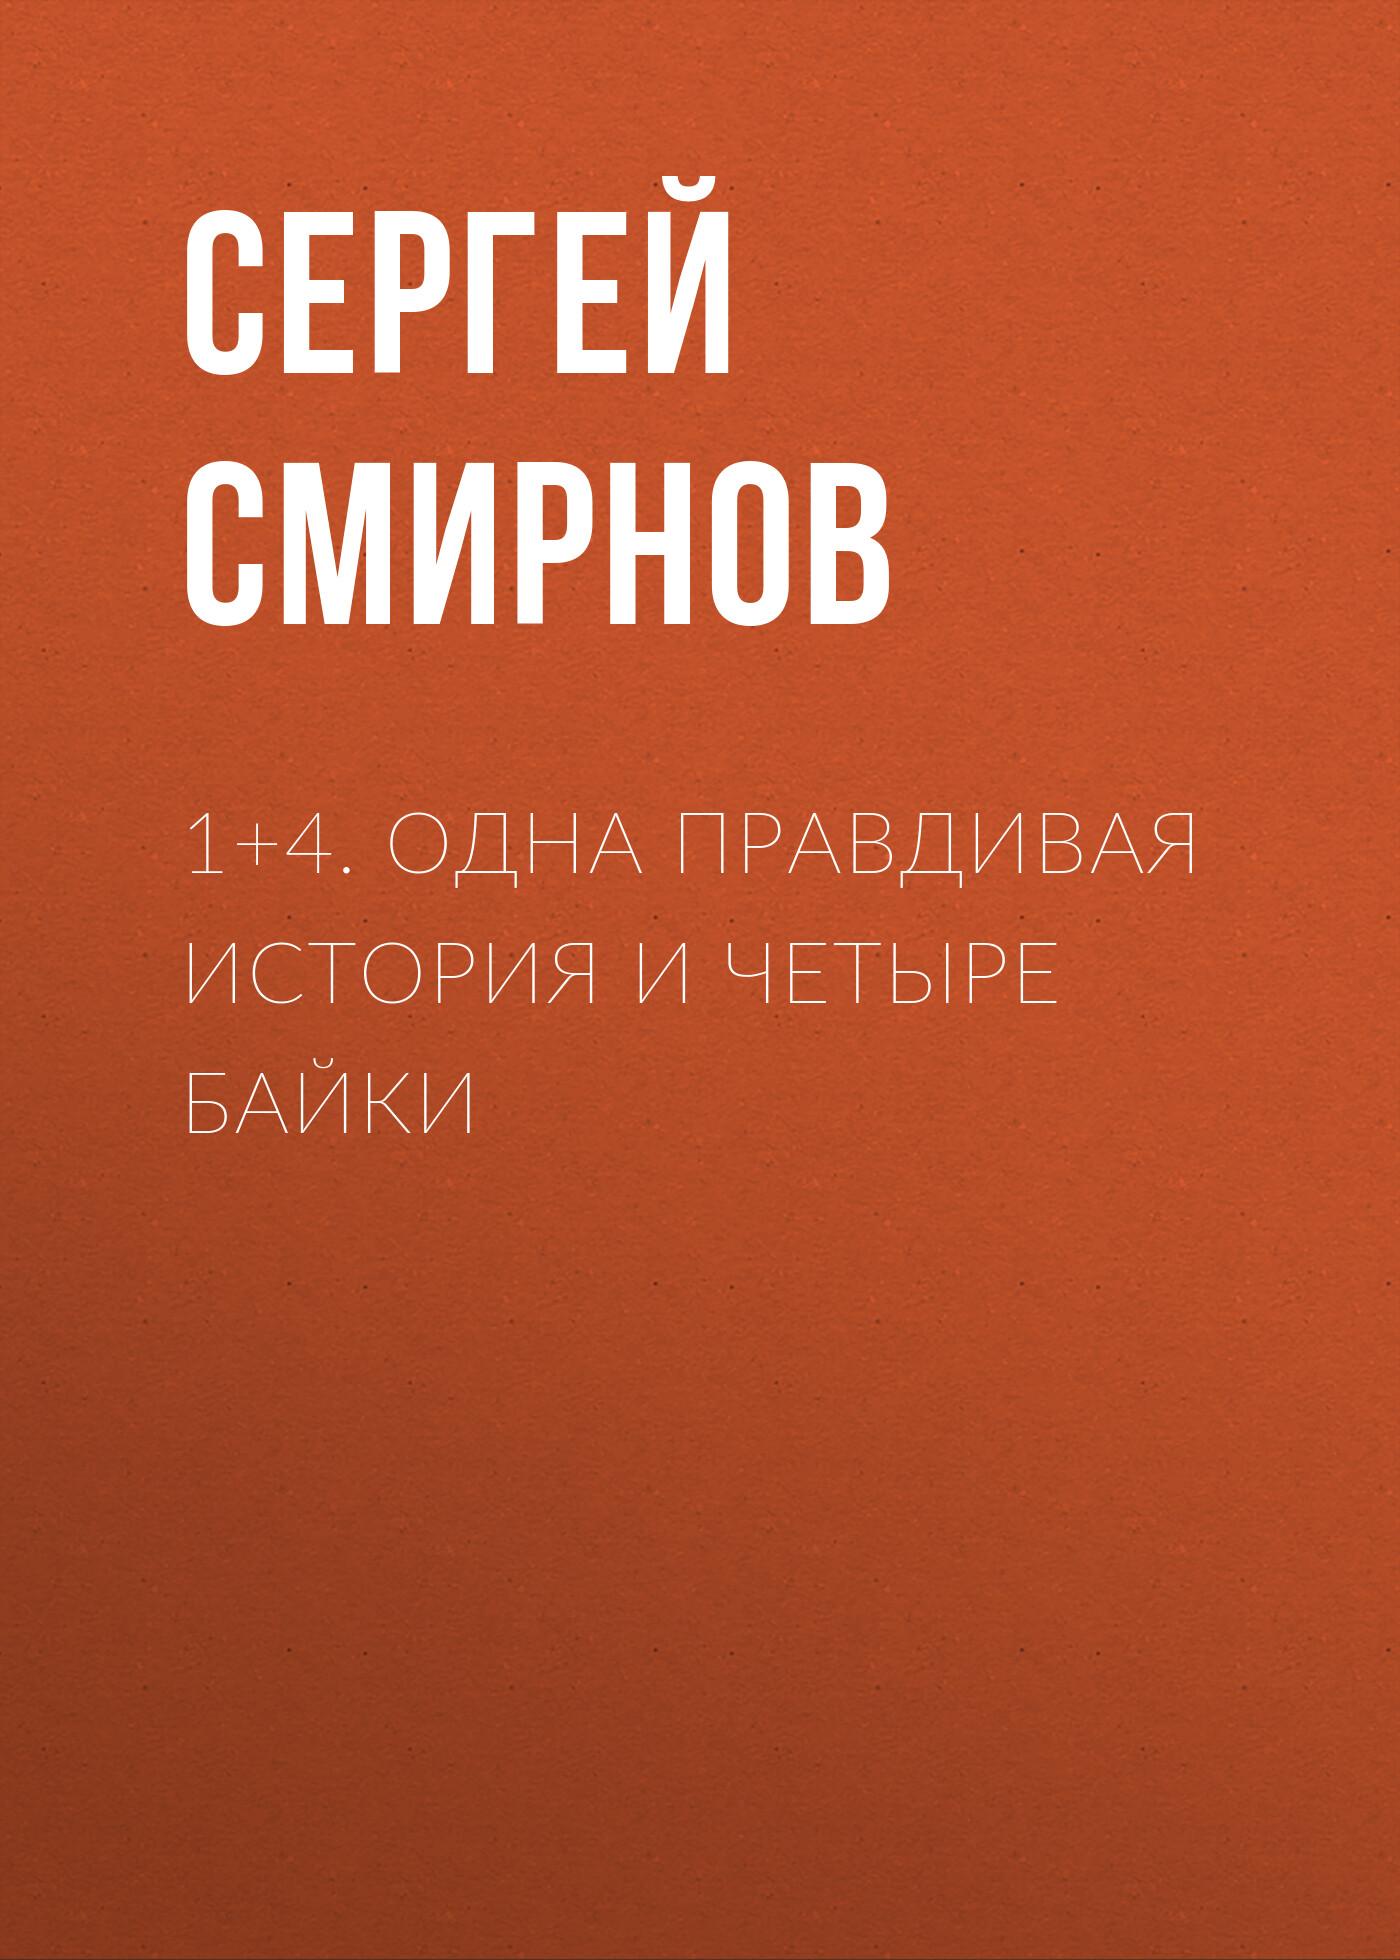 Сергей Смирнов 1+4. Одна правдивая история и четыре байки цена и фото